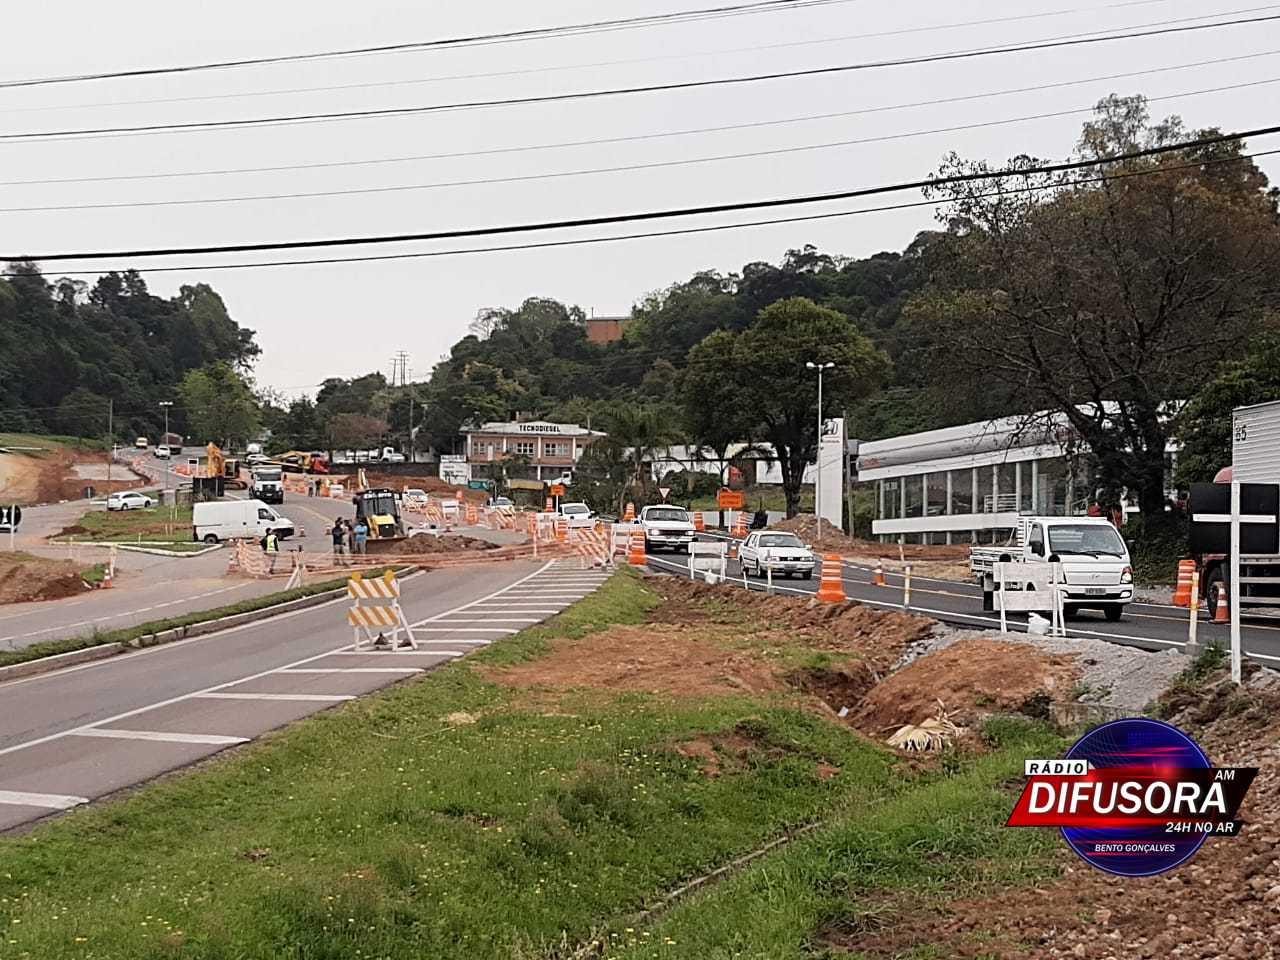 Inicia pavimentação asfáltica na obra do túnel na BR-470 em Bento